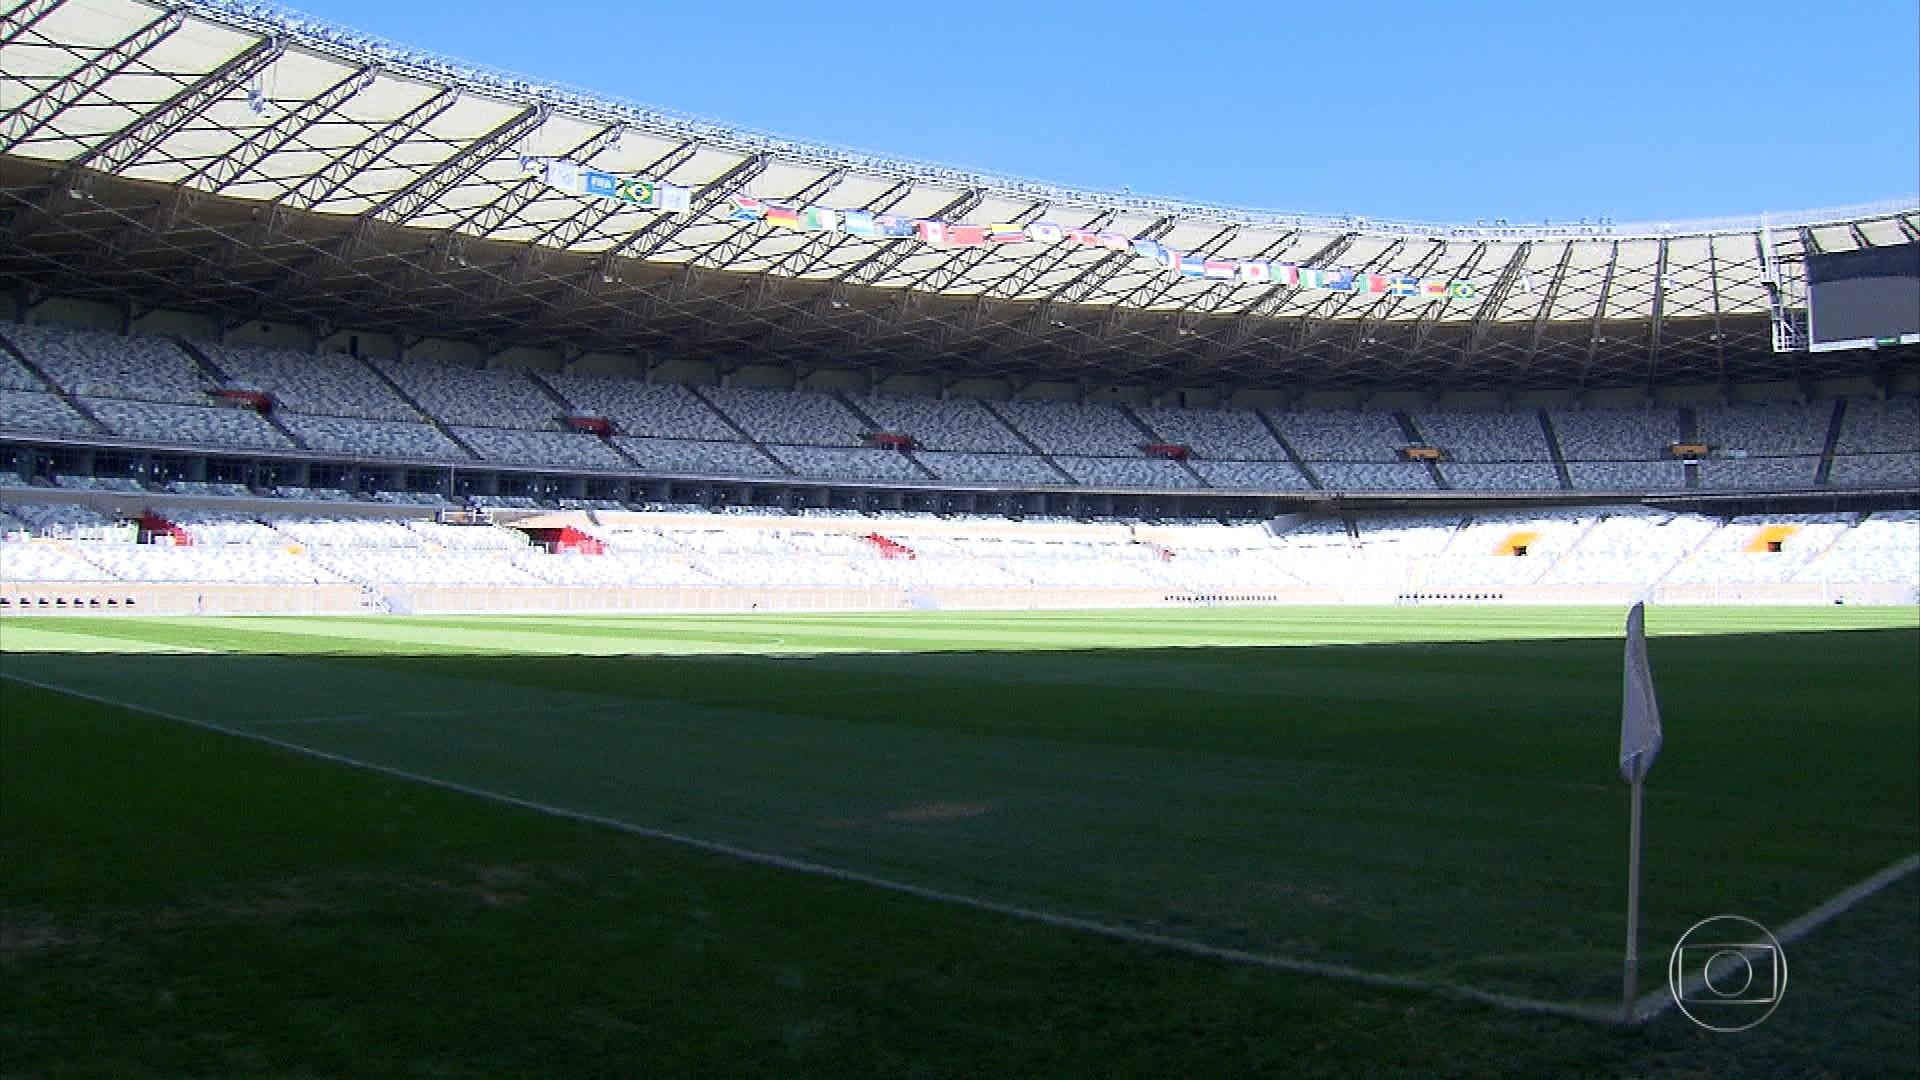 Testes para detectar Covid serão exigidos só para eventos sociais e futebol profissional em BH